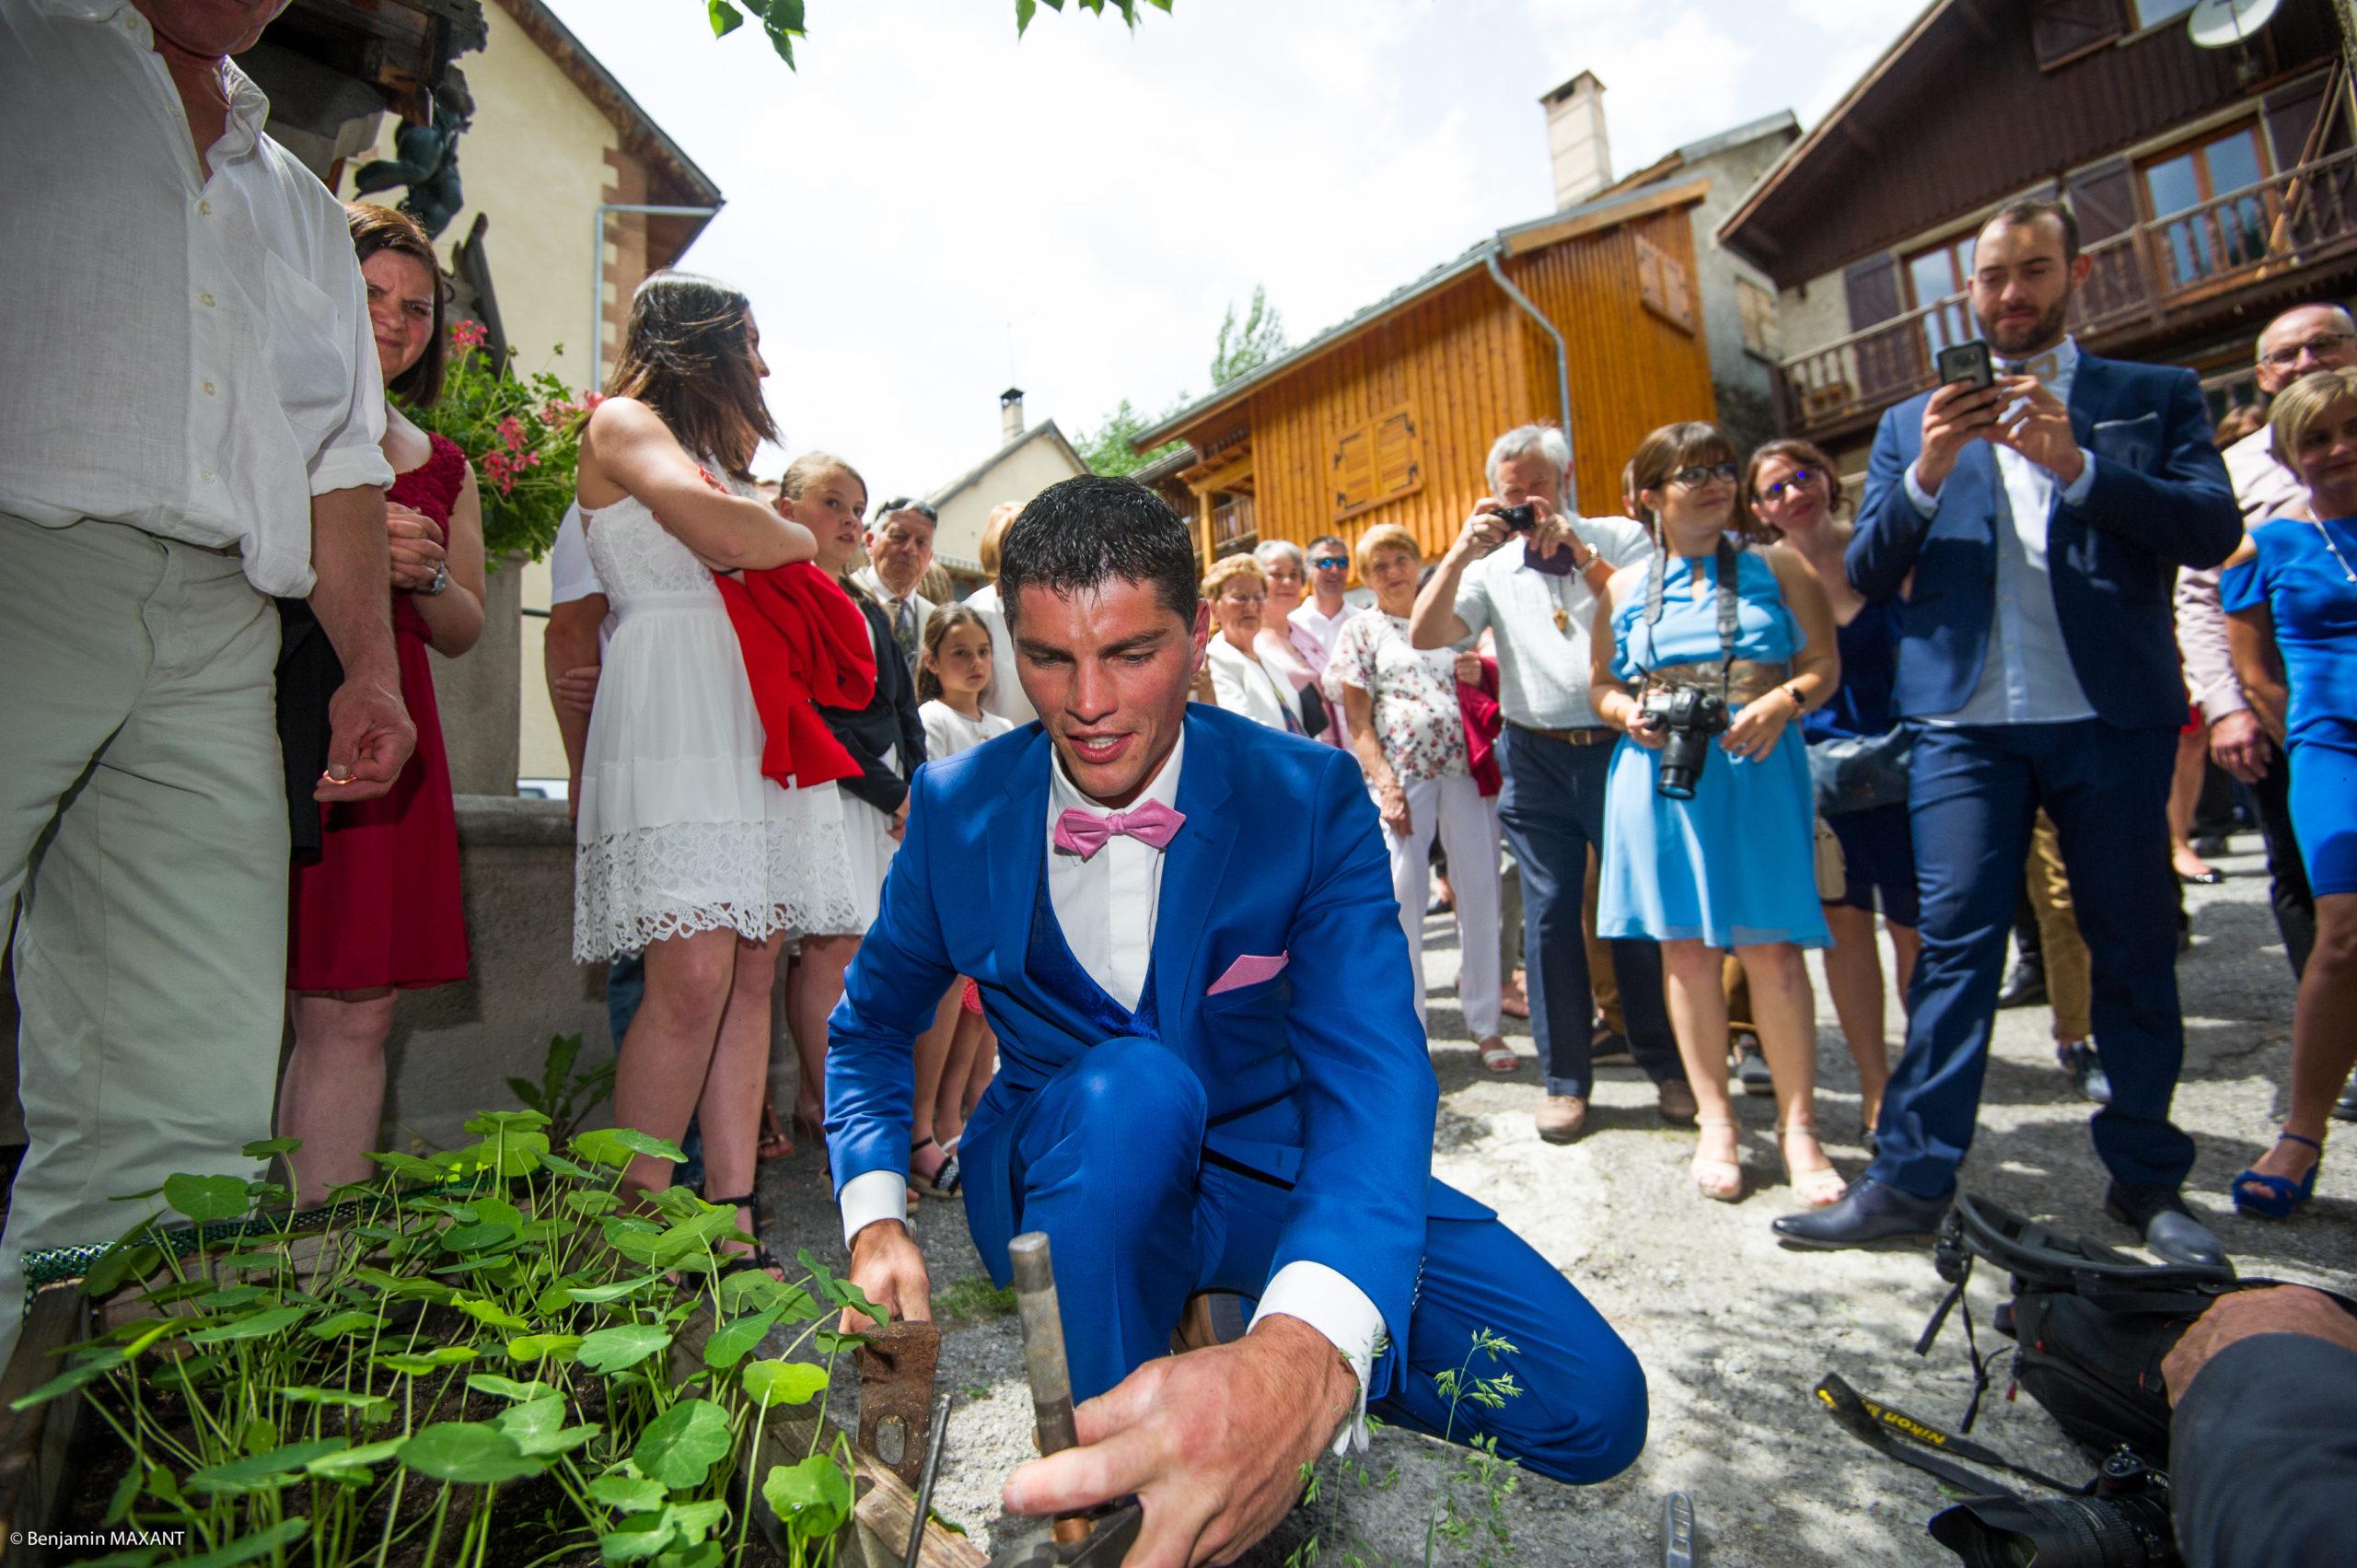 Petite épreuve de bricolage du marié avant la cérémonie civile